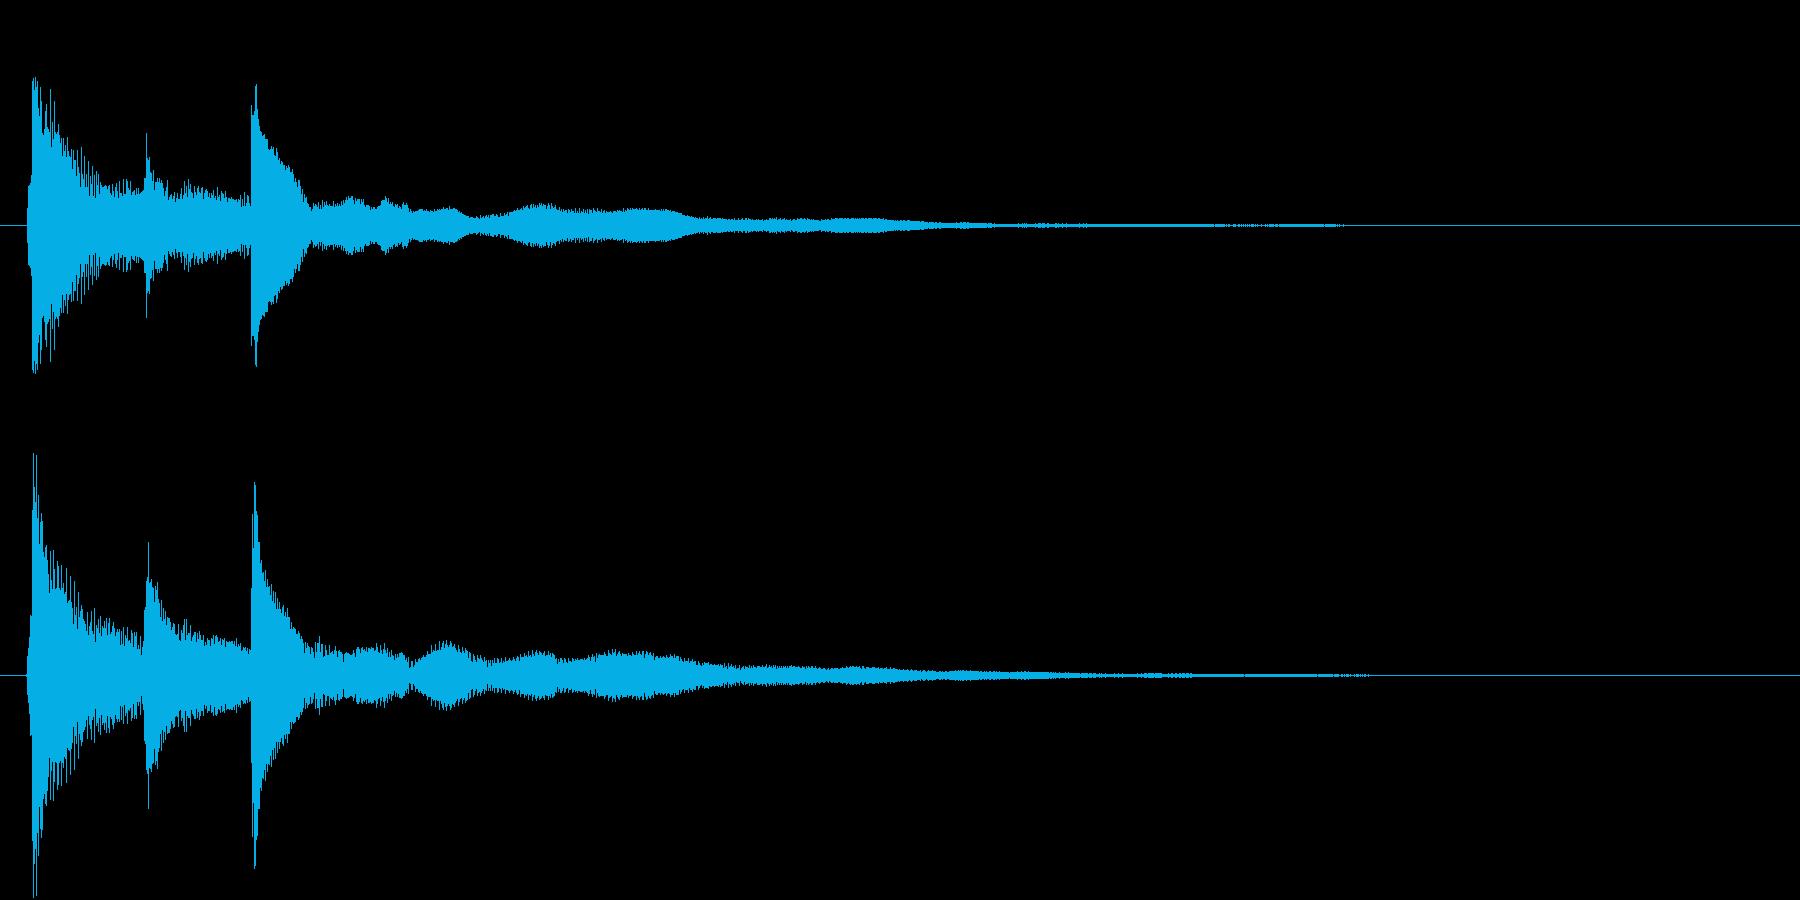 シンプルなピアノジングル01(ショート)の再生済みの波形